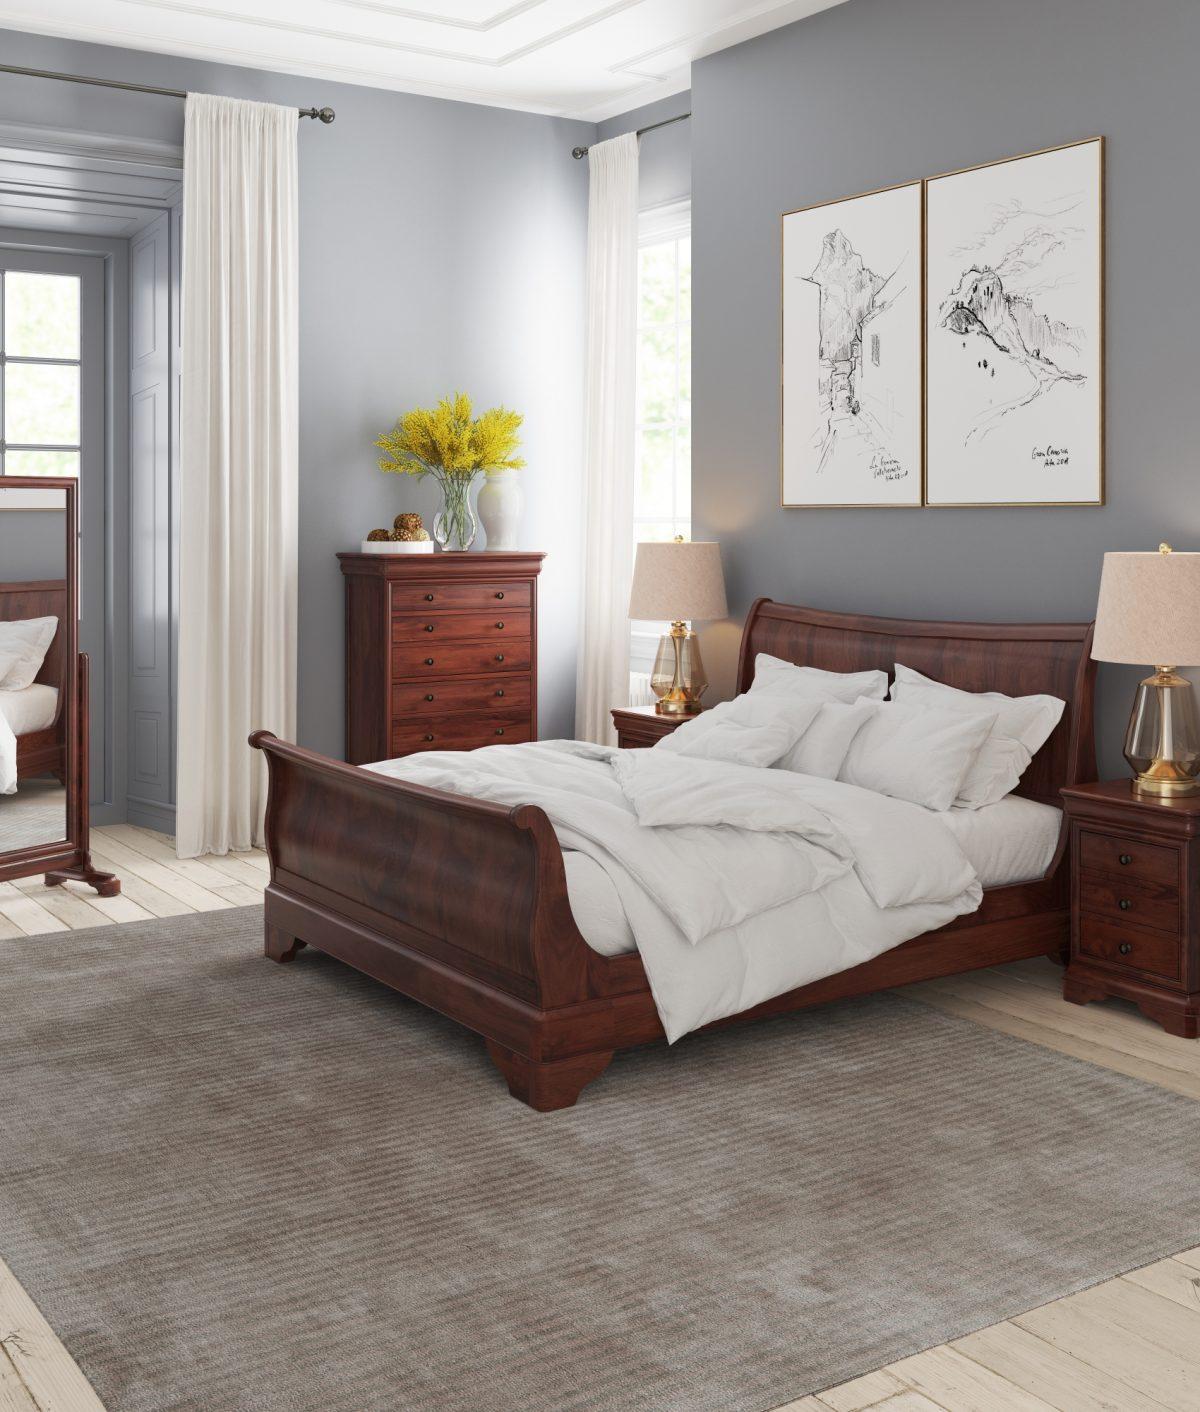 Antoinette Full Room Set Image